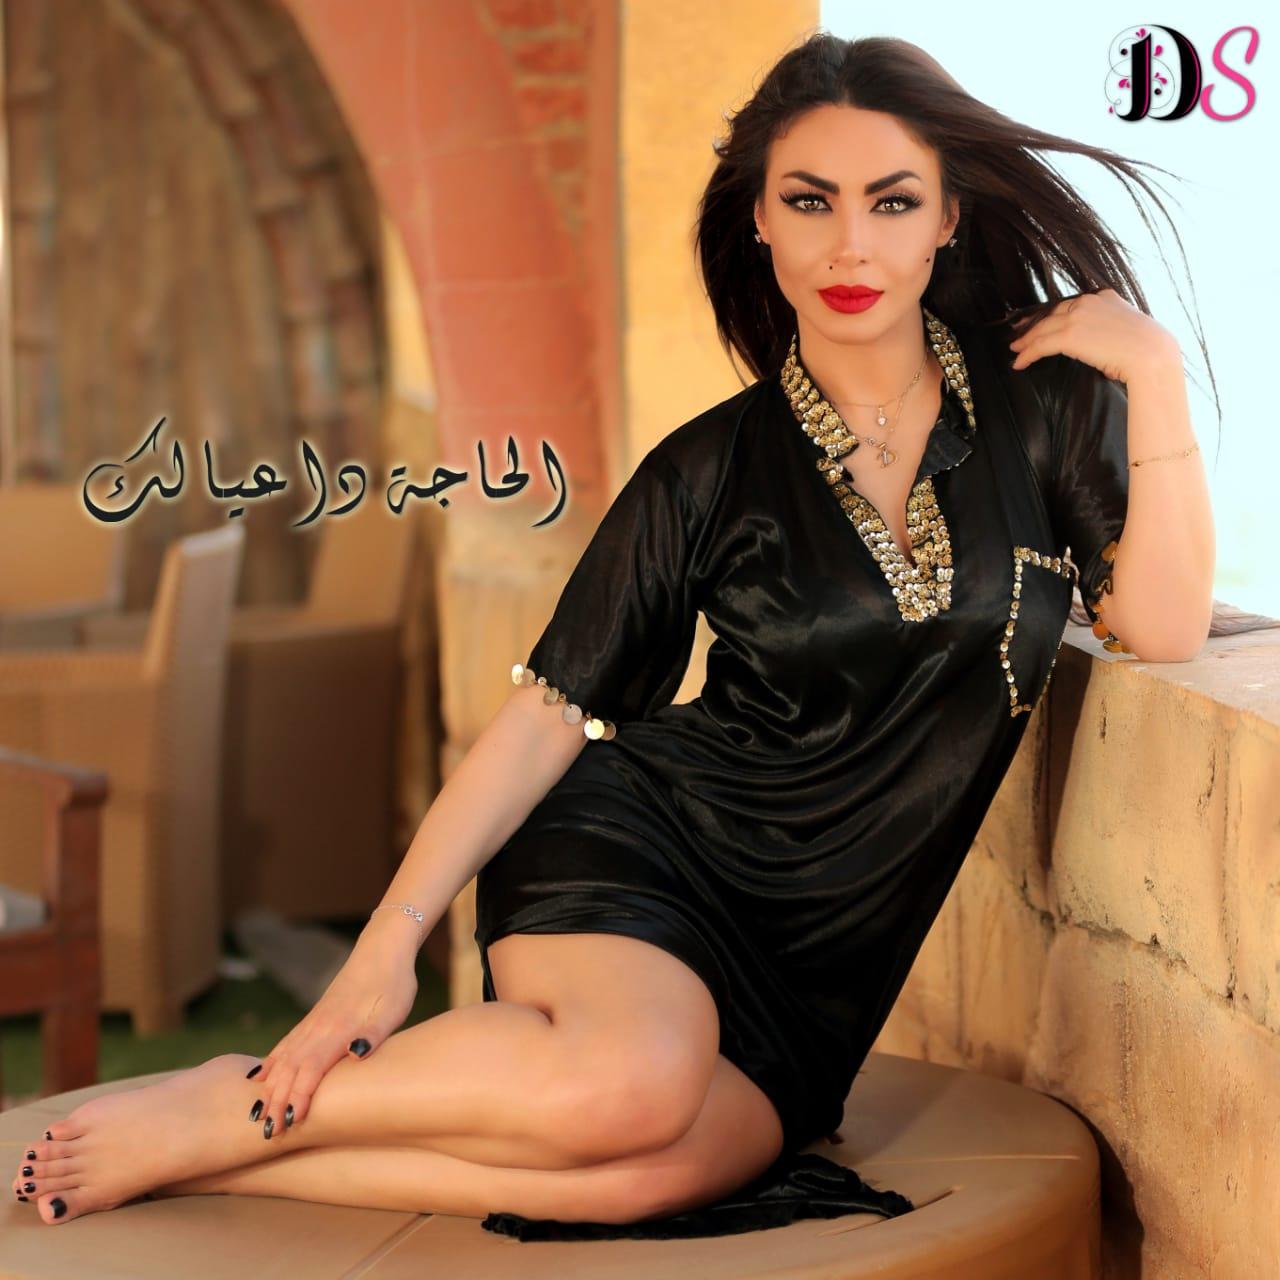 دوللى شاهين (3)